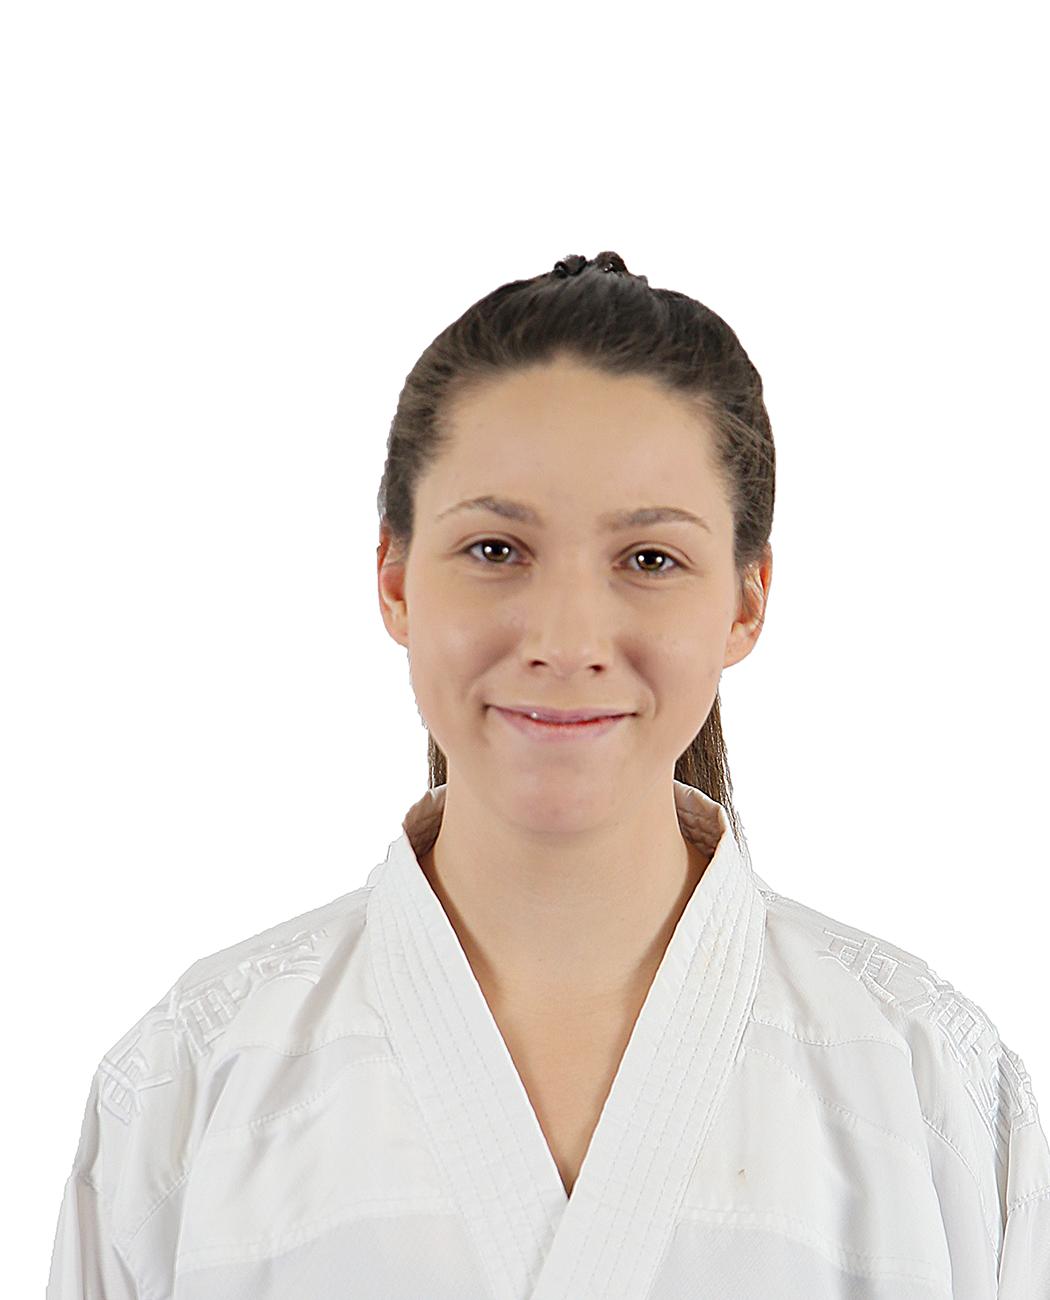 Karate_Trainer_Luise-Schleyer_Portrait